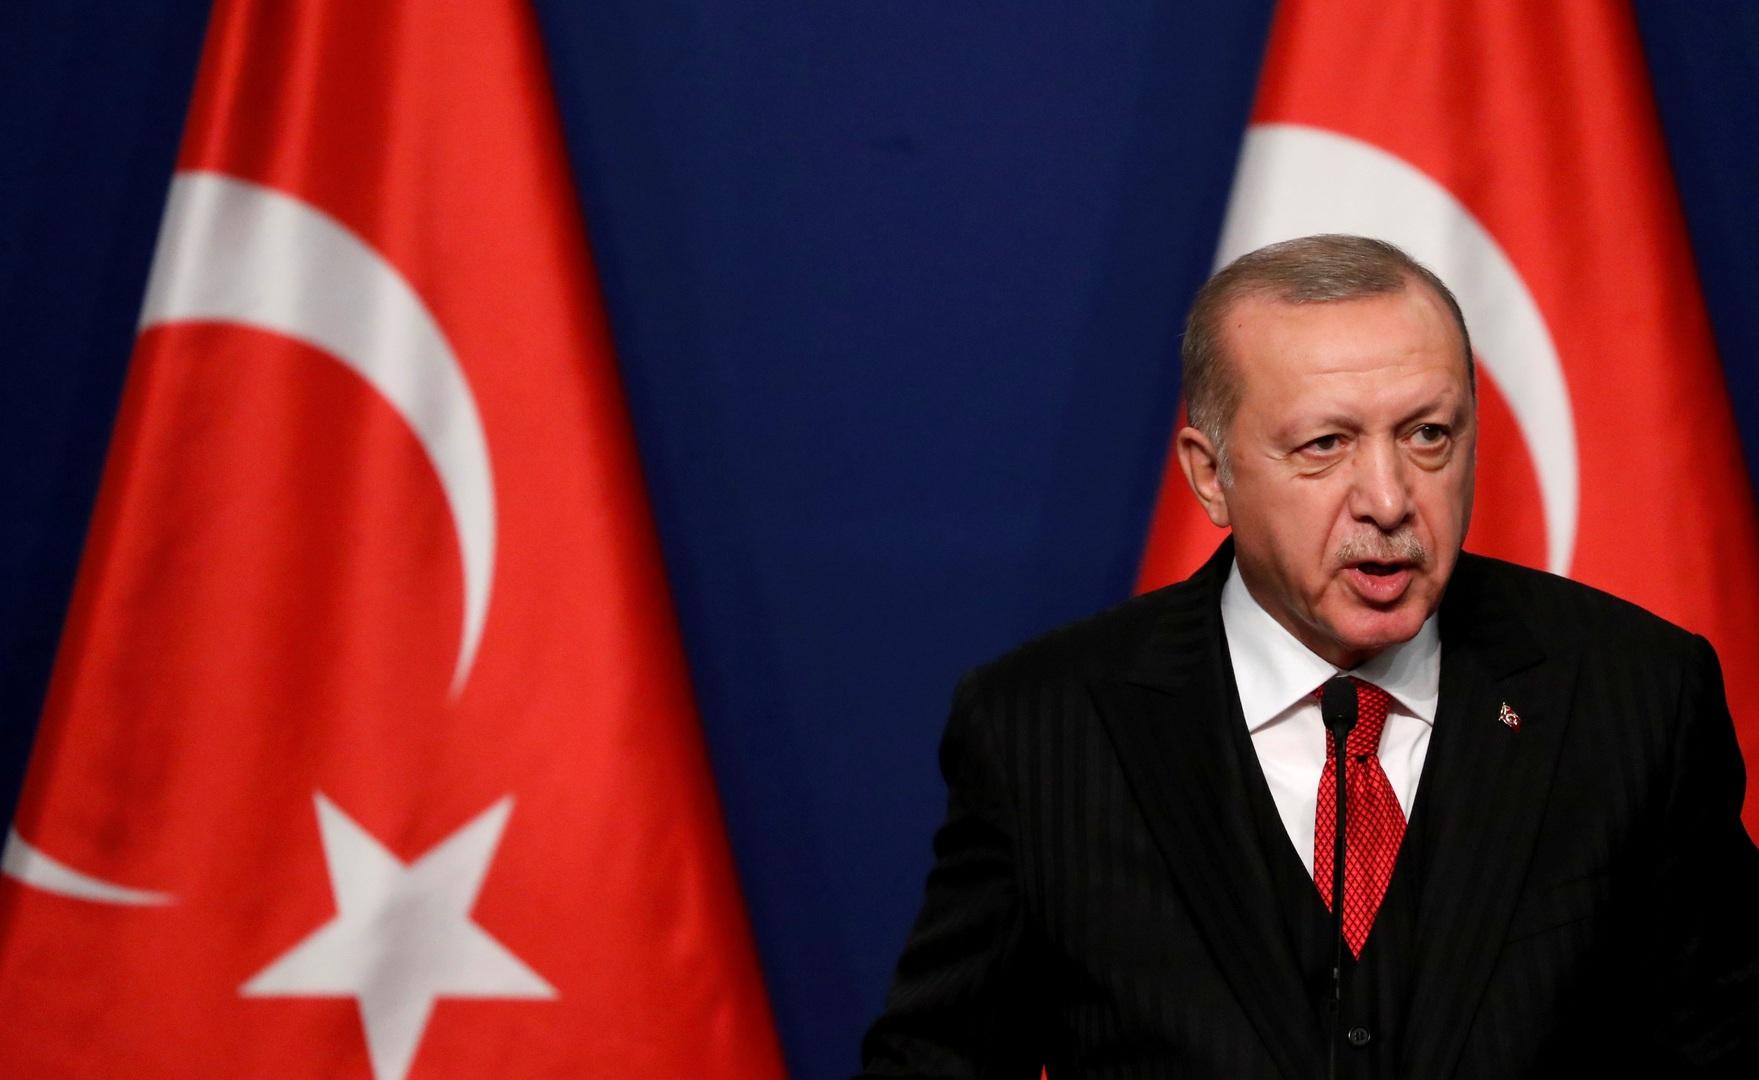 الإعلان عن صناعات دفاعية تركية في دولة أوروبية